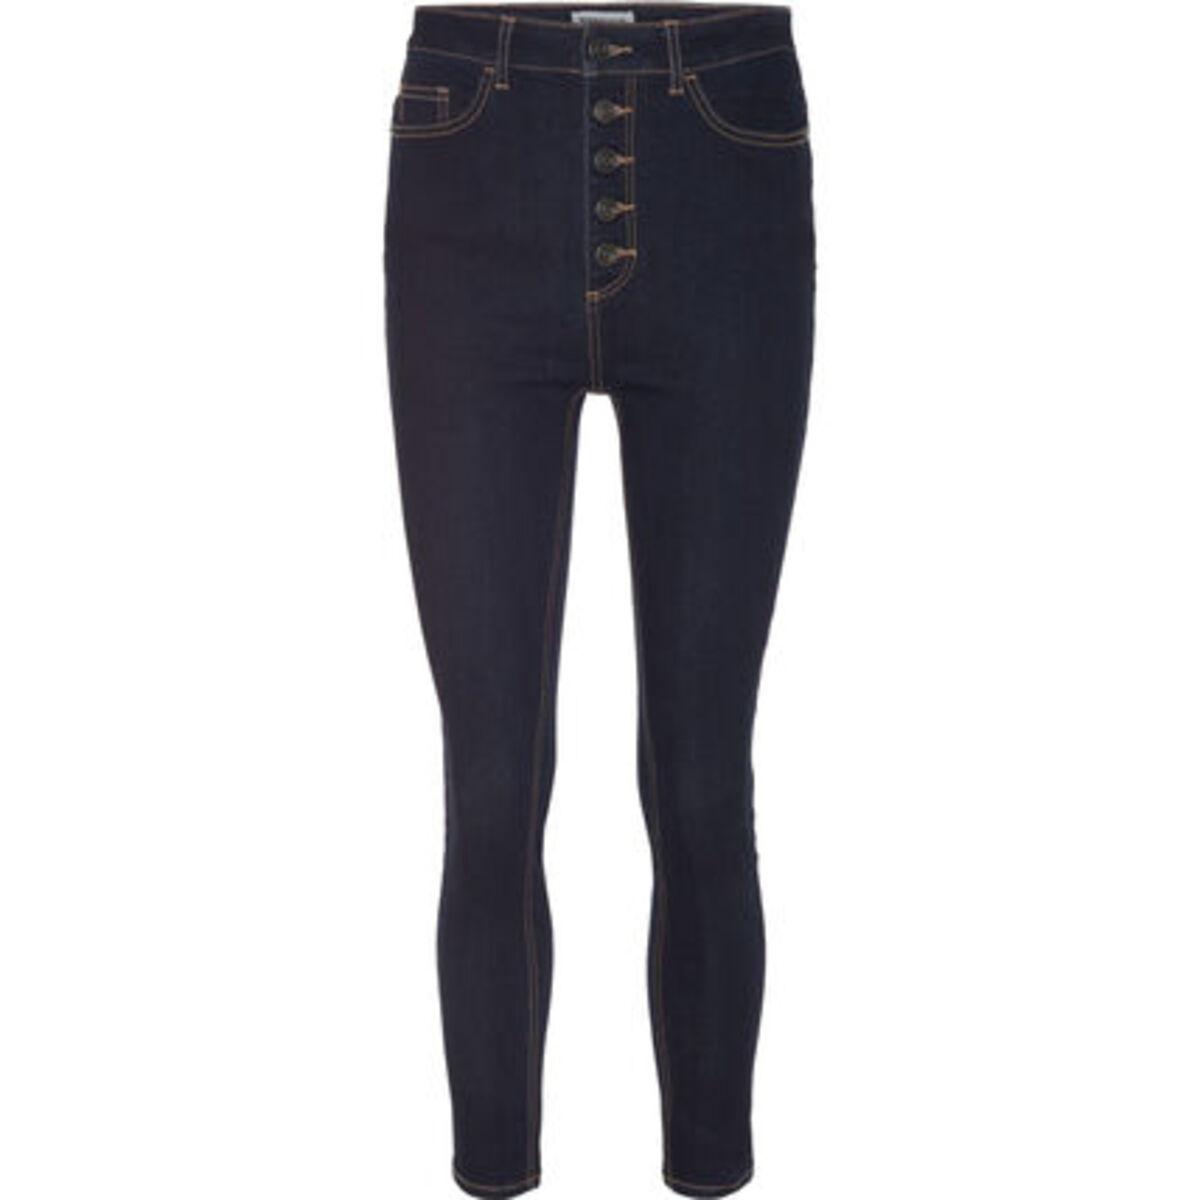 Bild 1 von MANGUUN Jeans, Skinny Fit, Kontrastnähte, für Damen